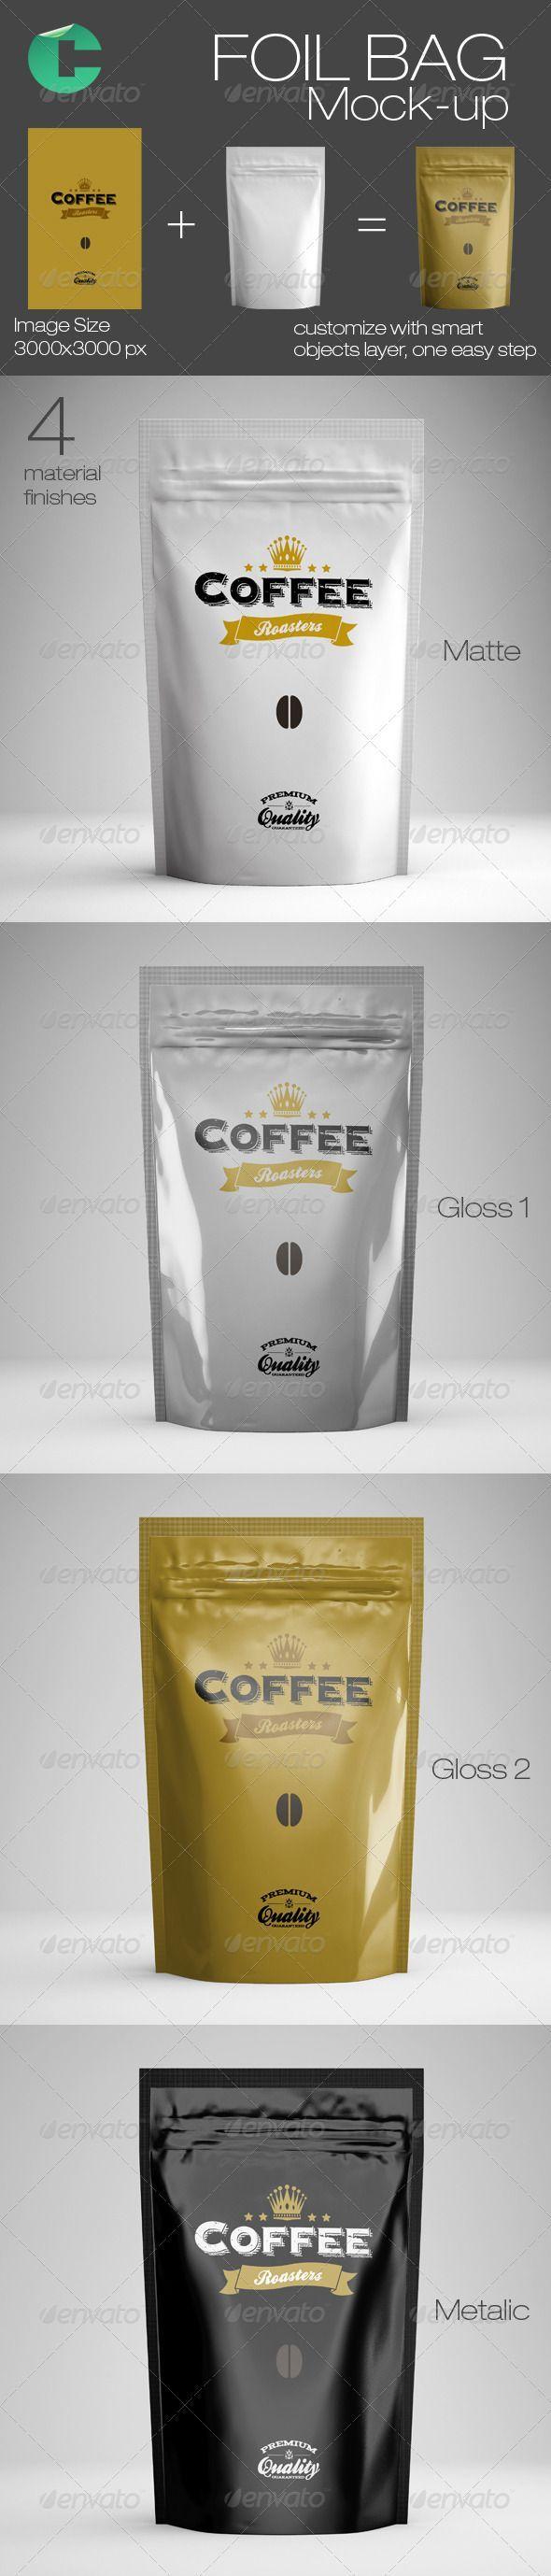 Download 3d Coffee Bag Mockup Black Coffee Bag Mockup Psd Coffee Bag Vector Foil Packaging Mockup Free Bag Free Mockup Graphic Design Mockup Bag Mockup Glass Packaging